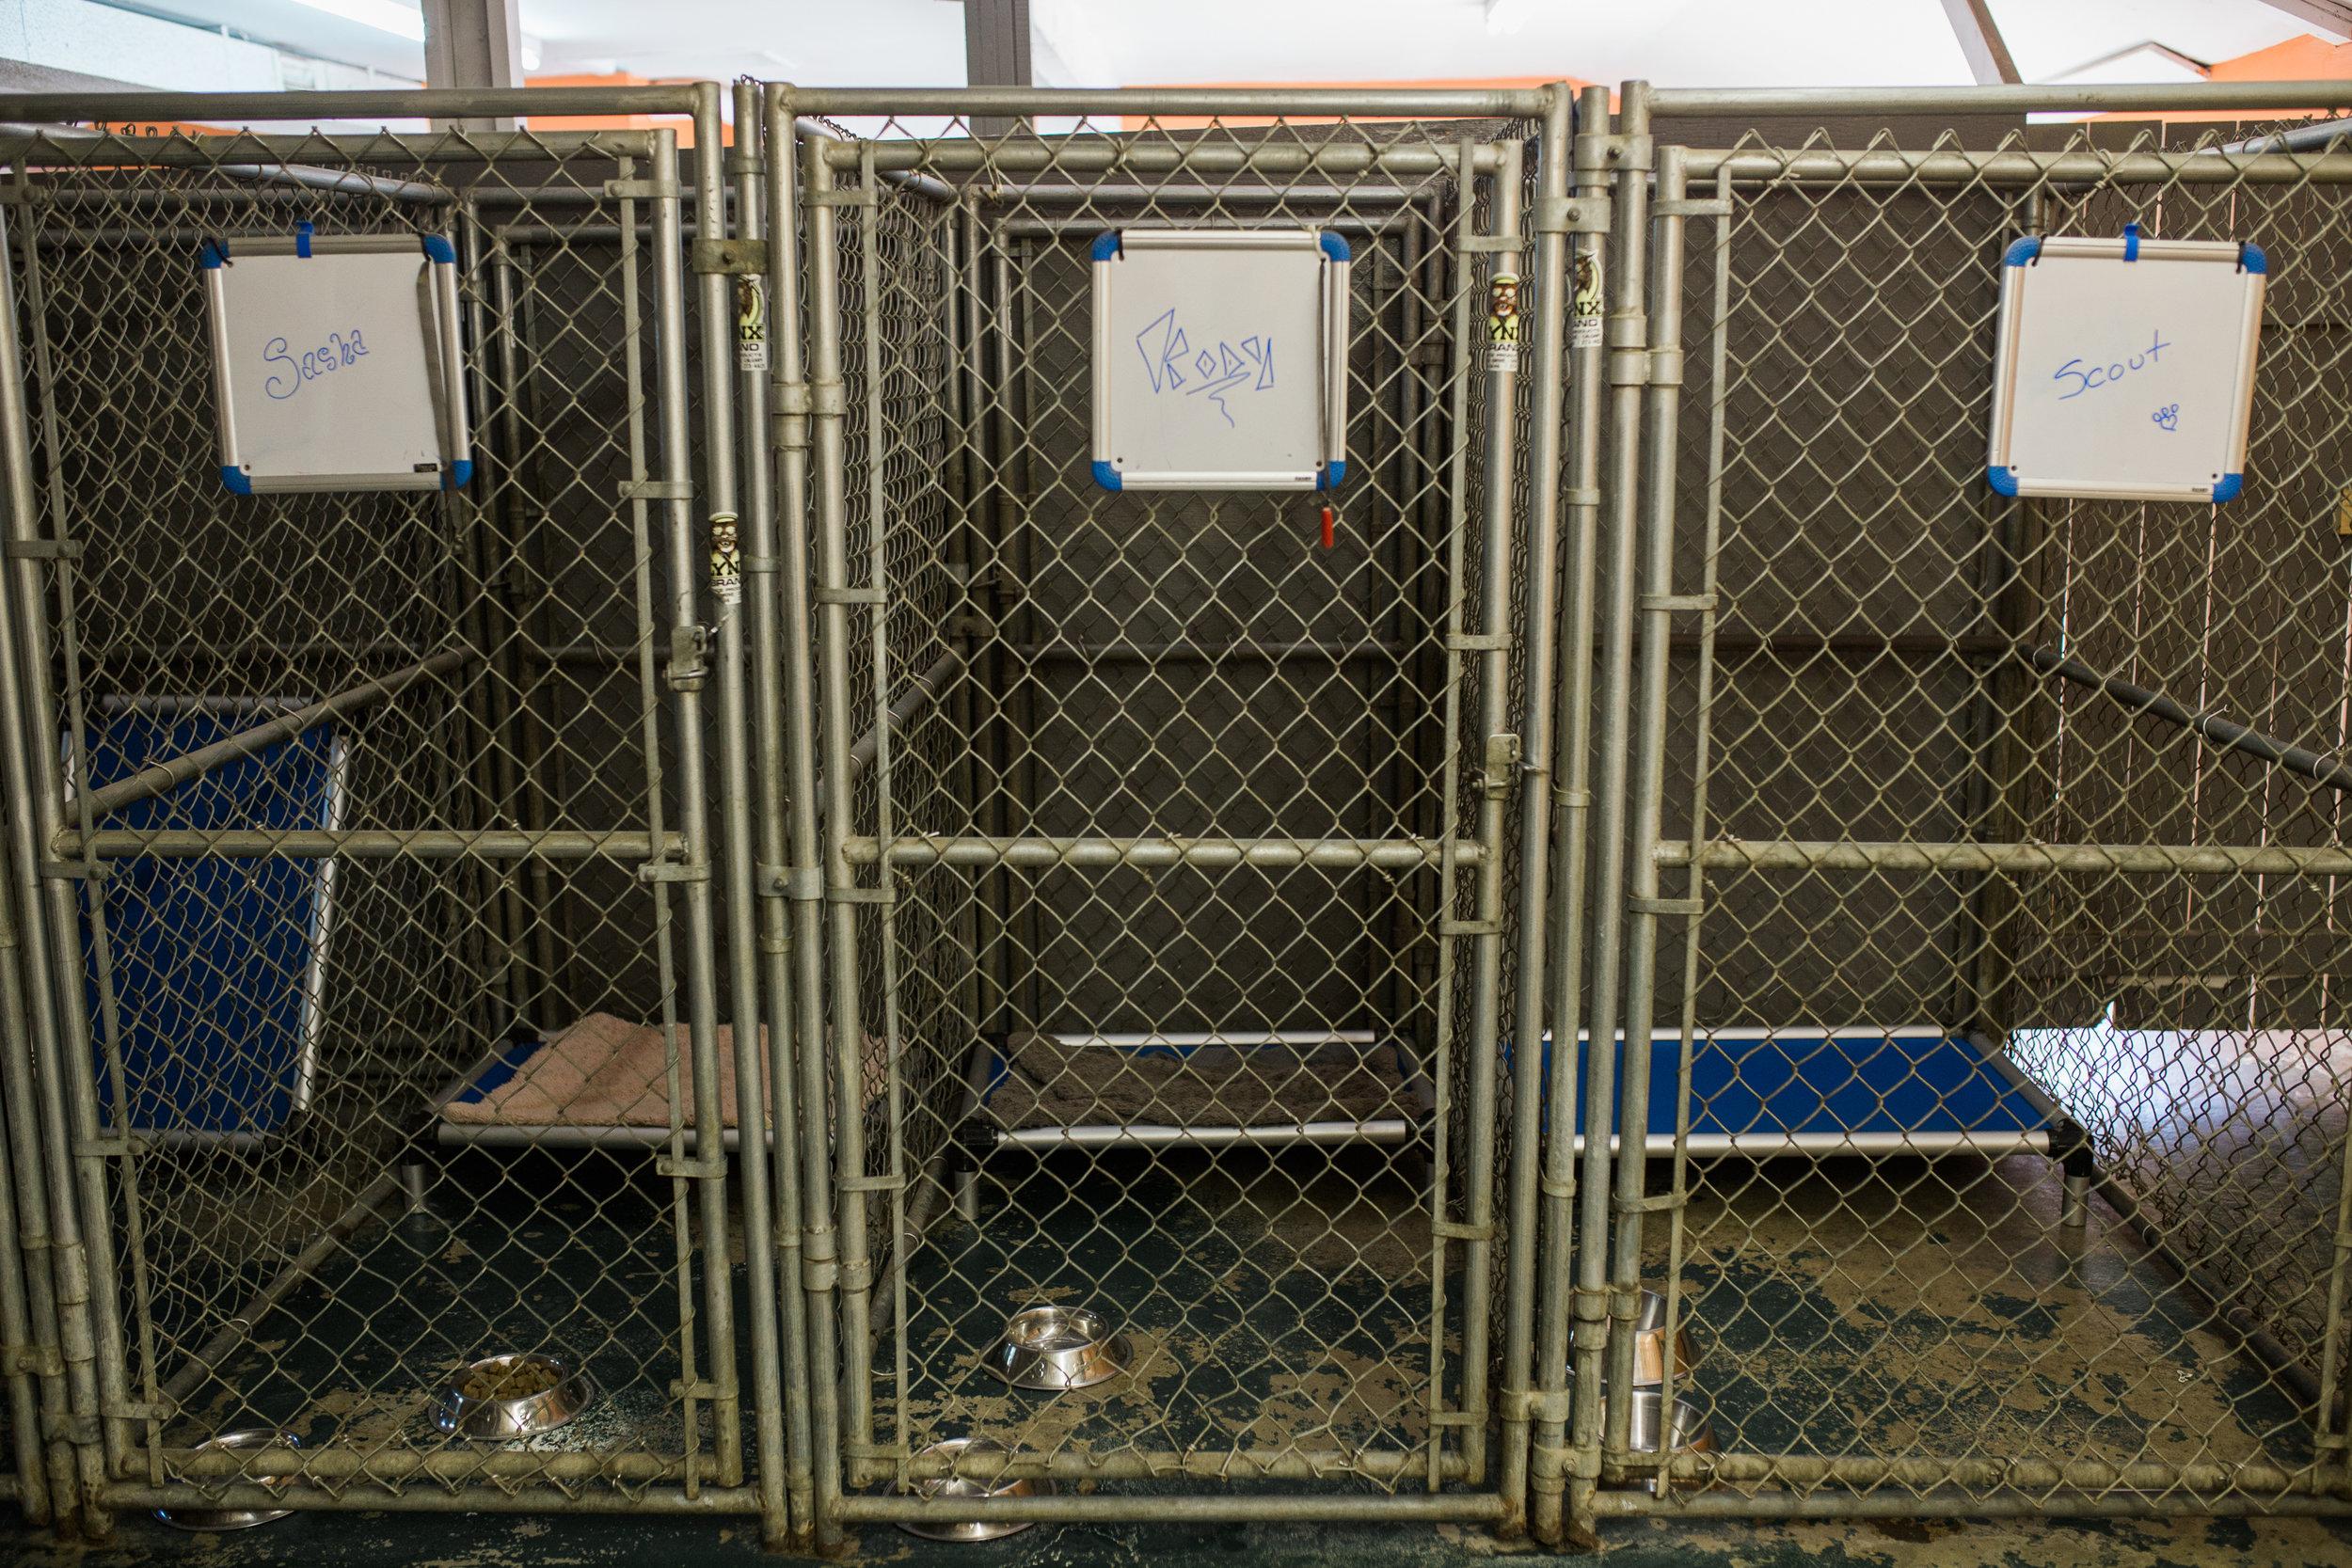 BarkingGood-Facility-24.jpg